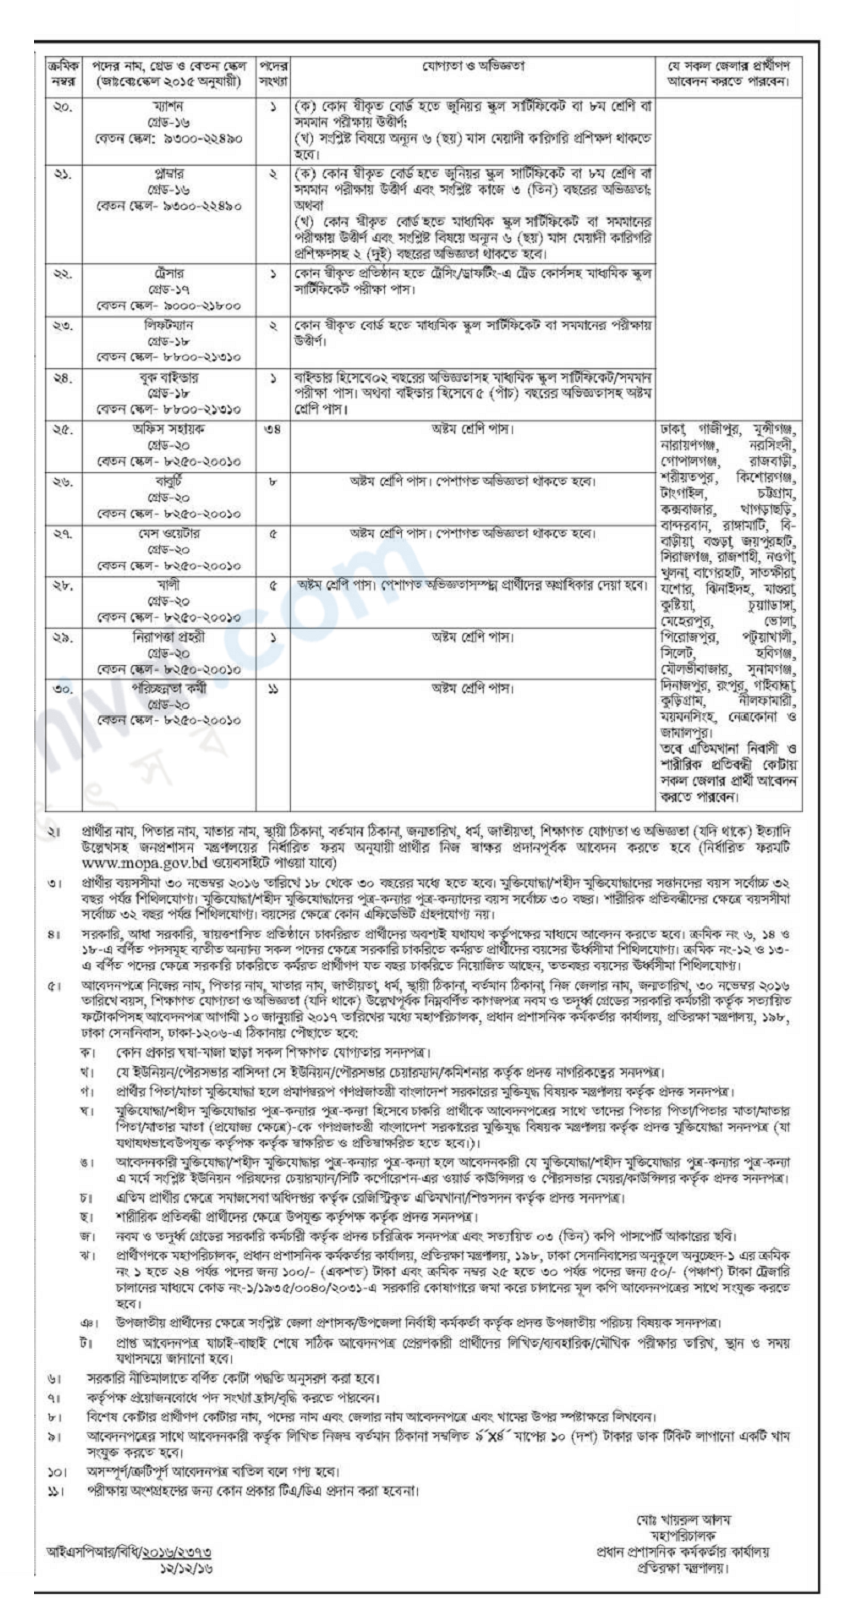 Bangladesh Ministry of Defence Job Circular